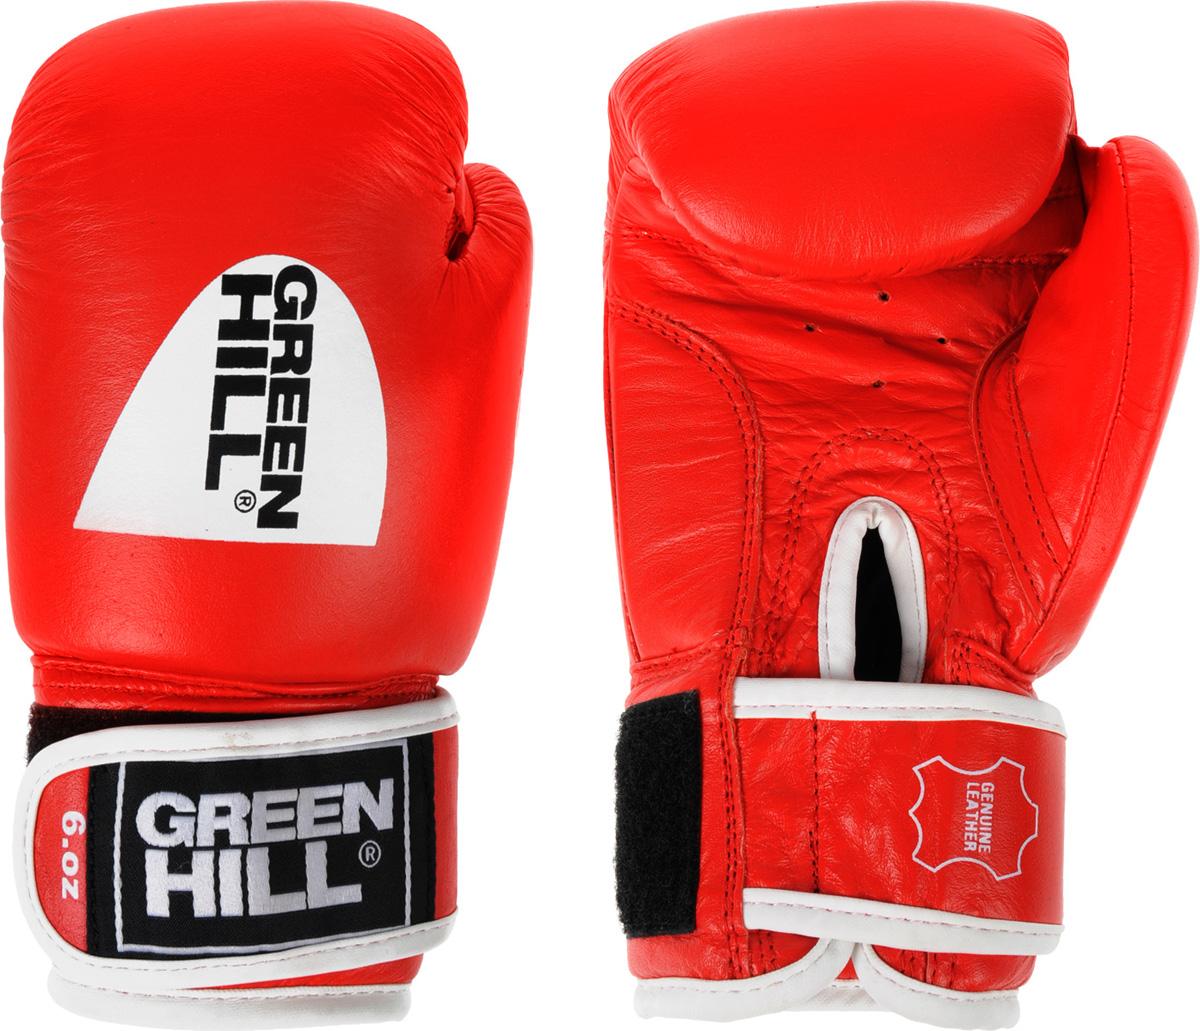 Перчатки боксерские Green Hill Gym, цвет: красный. Вес 6 унцийAP02013Боксерские перчатки Green Hill Gym специально разработаны для тренировочных спаррингов. Верх выполнен из натуральной кожи, наполнитель - из предварительно сформированного пенополиуретана. Перфорированная поверхность в области ладони позволяет создать максимально комфортный терморежим во время занятий. Широкий ремень, охватывая запястье, полностью оборачивается вокруг манжеты, благодаря чему создается дополнительная защита лучезапястного сустава от травмирования. Застежка на липучке способствует быстрому и удобному одеванию перчаток, плотно фиксирует перчатки на руке.